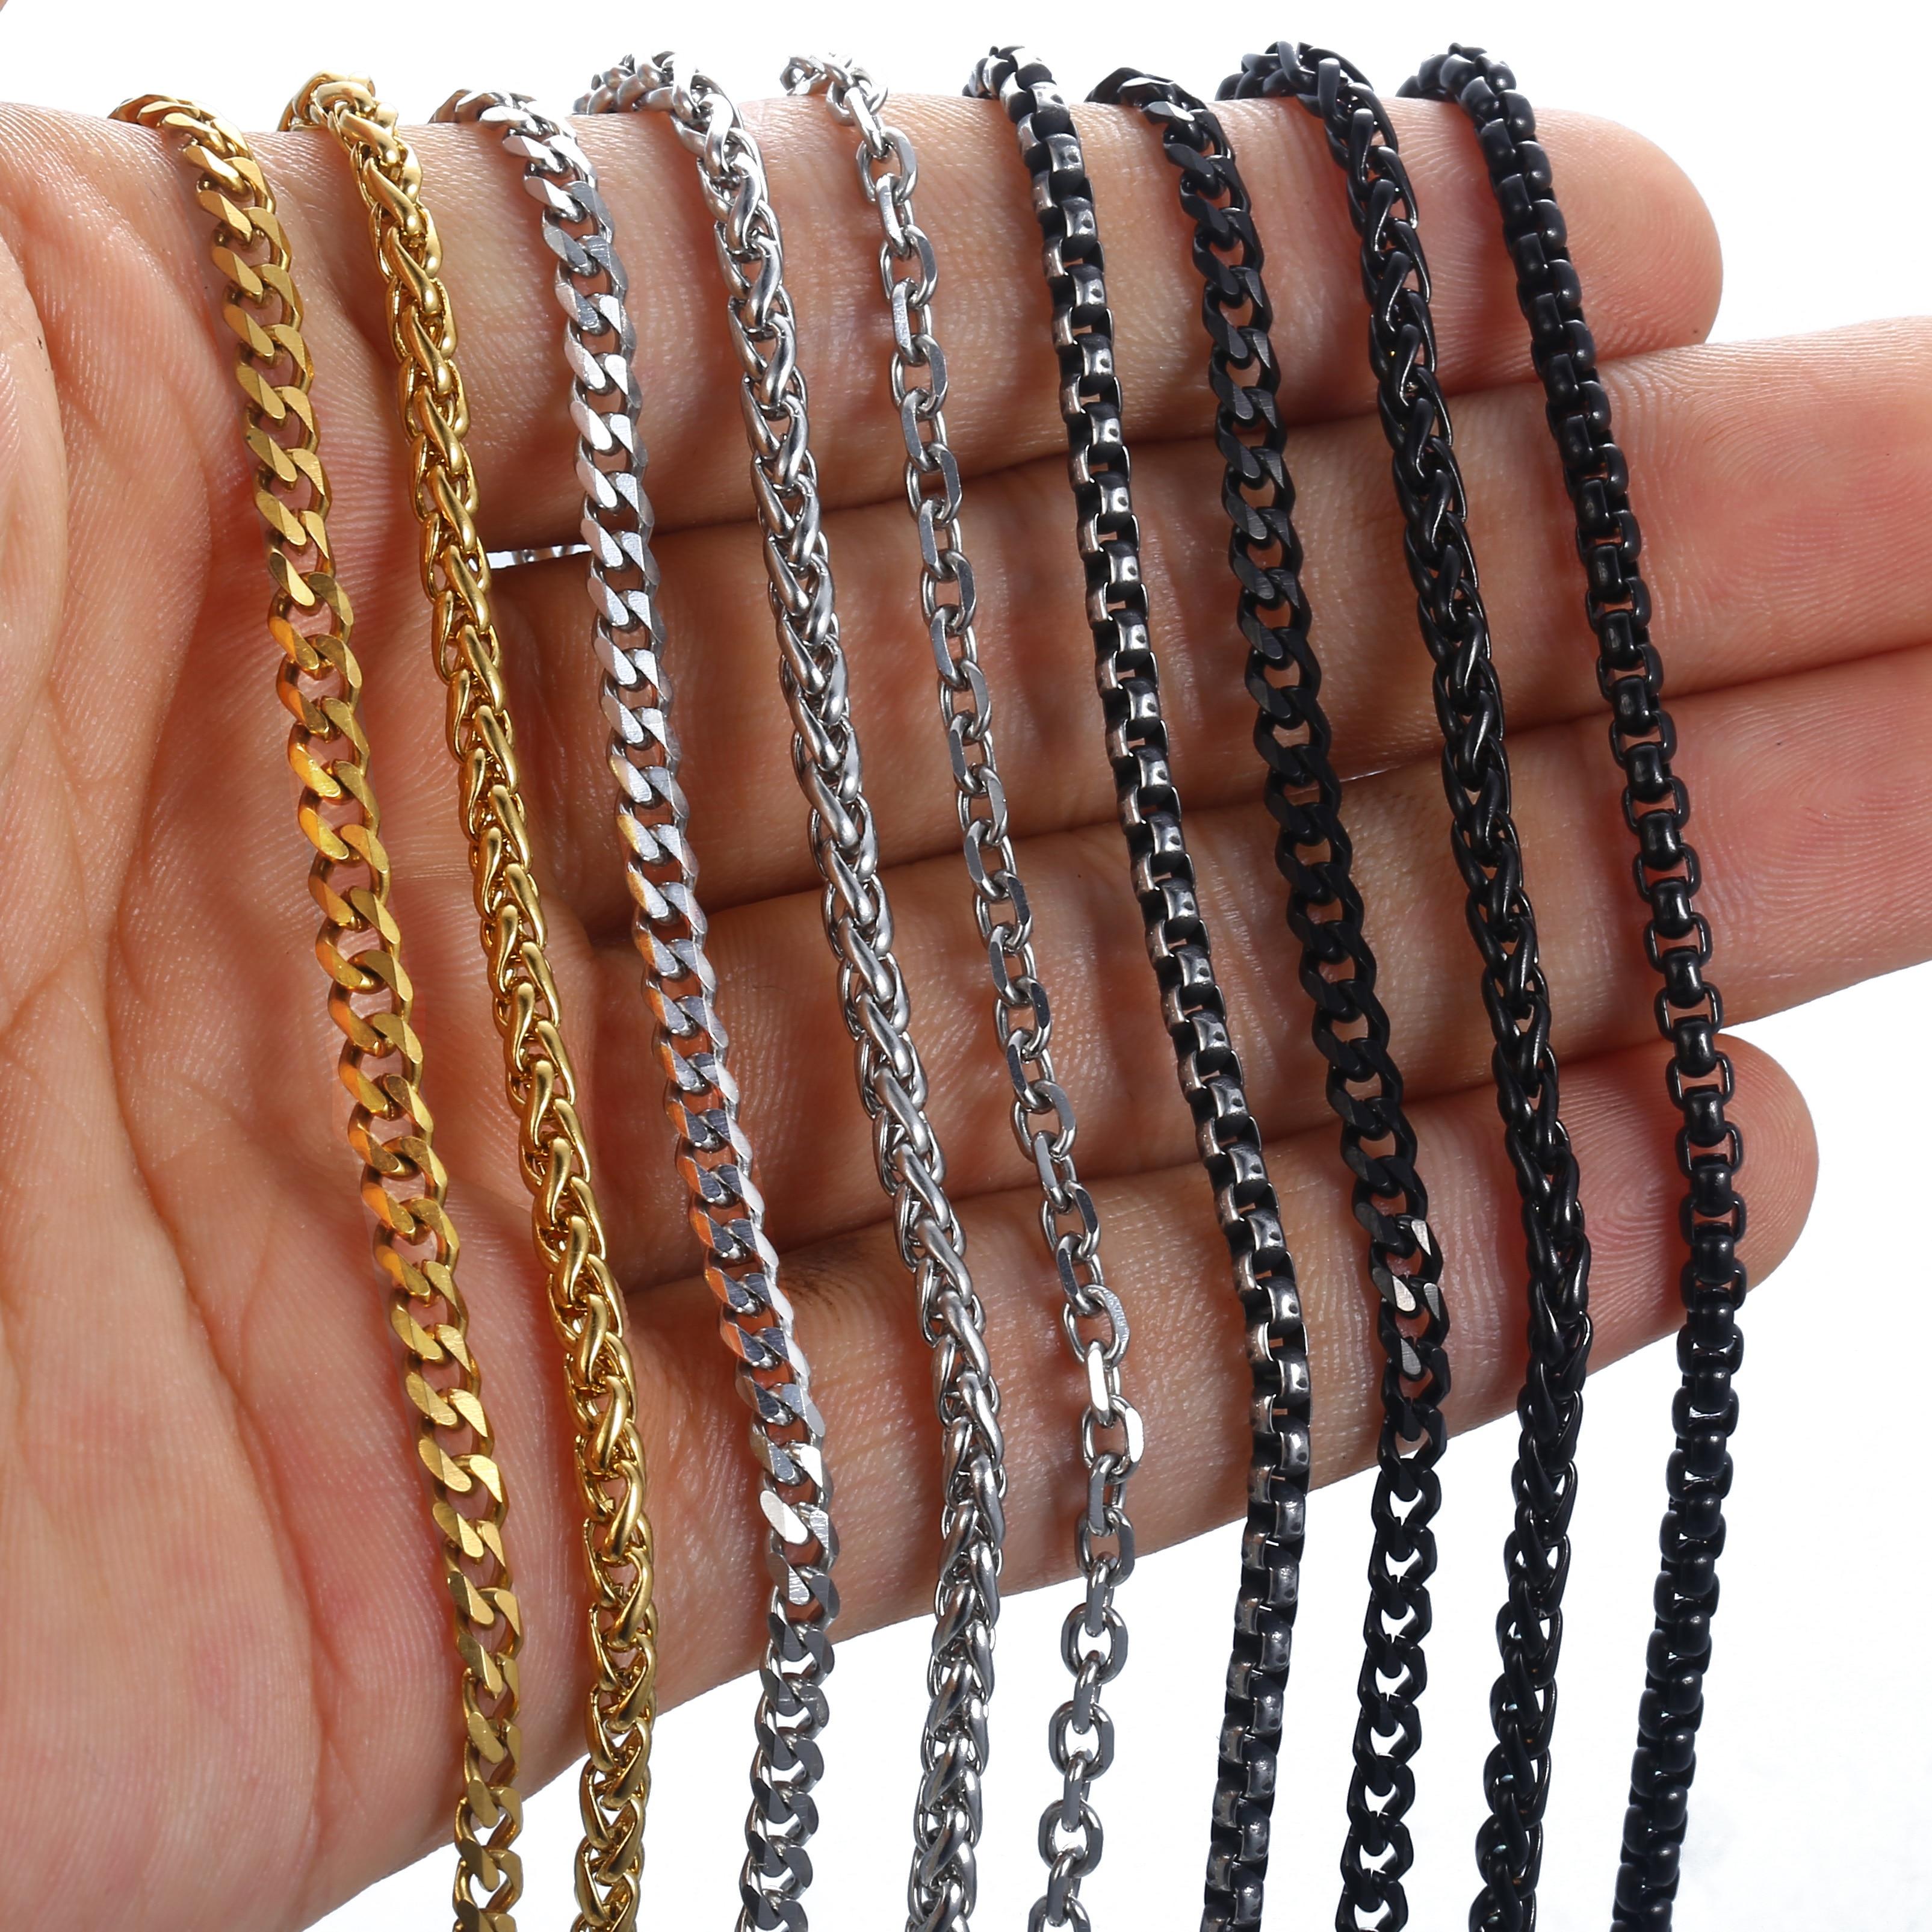 Pulseras de cadena para hombres y mujeres de 2/3mm, Color negro, dorado, plateado, de acero inoxidable, con Cable curvado, caja redonda cubana trenzada de trigo KBB13A